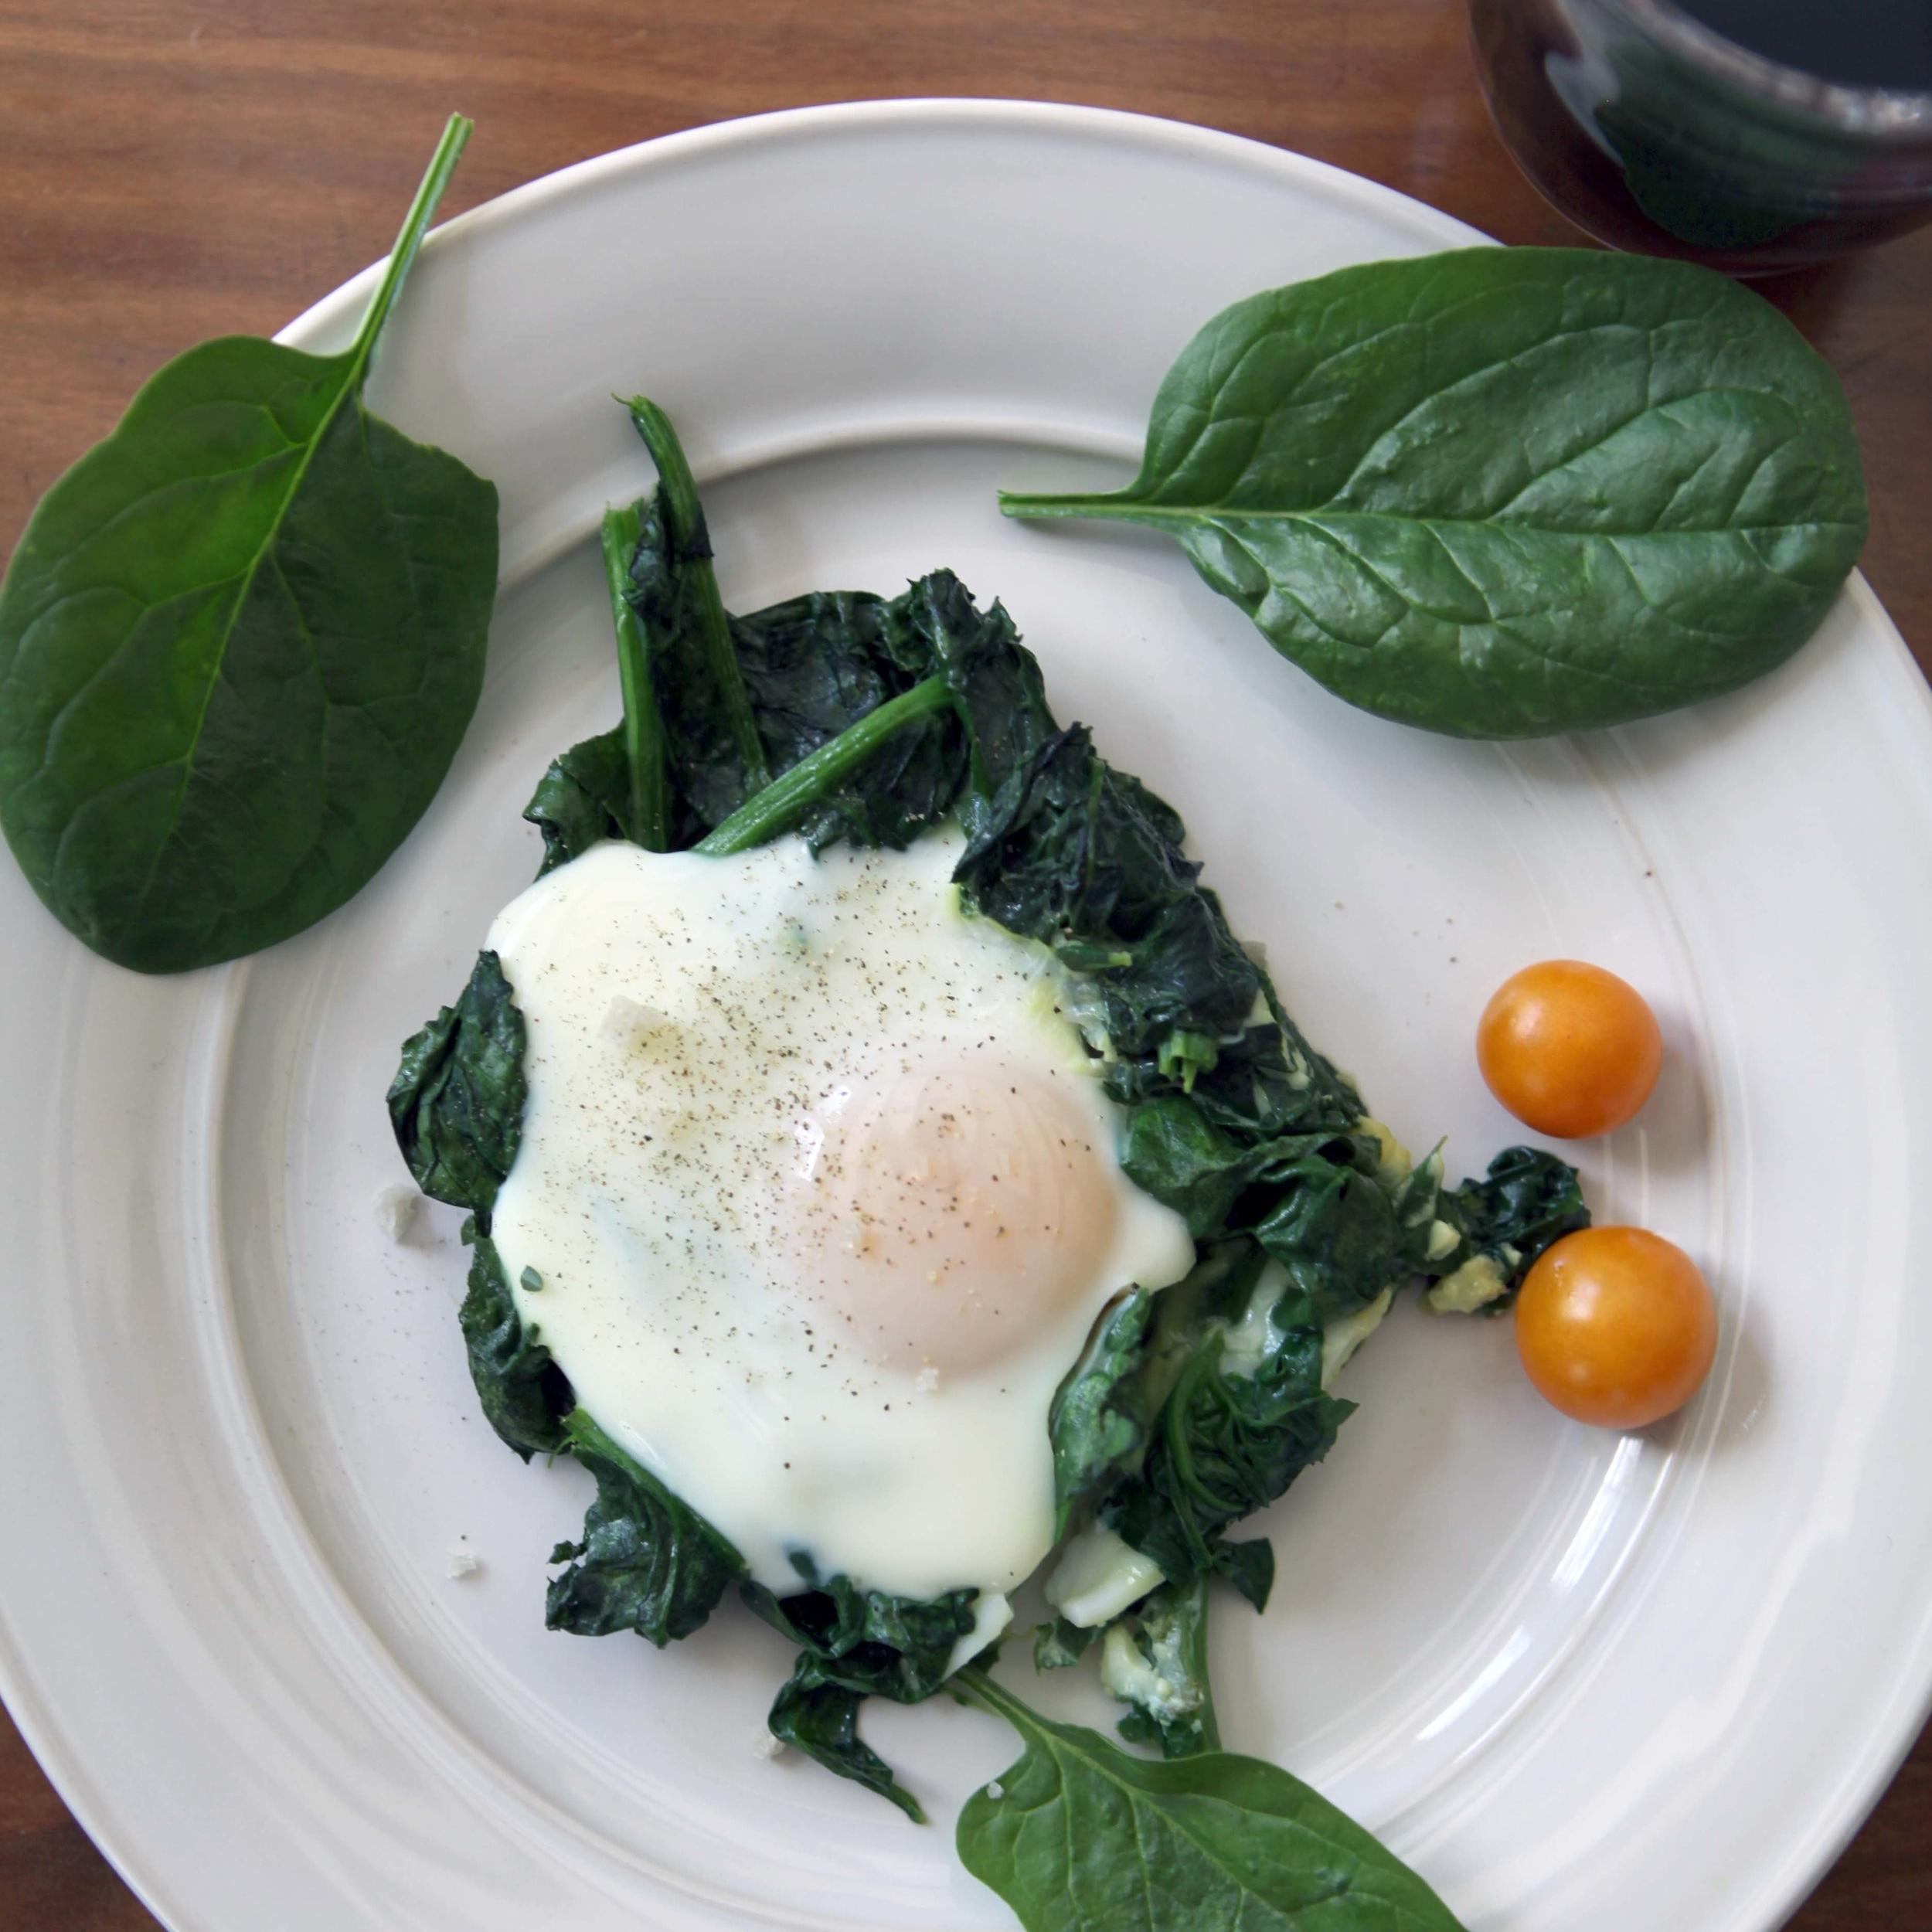 Sautéed Spinach with Eggs